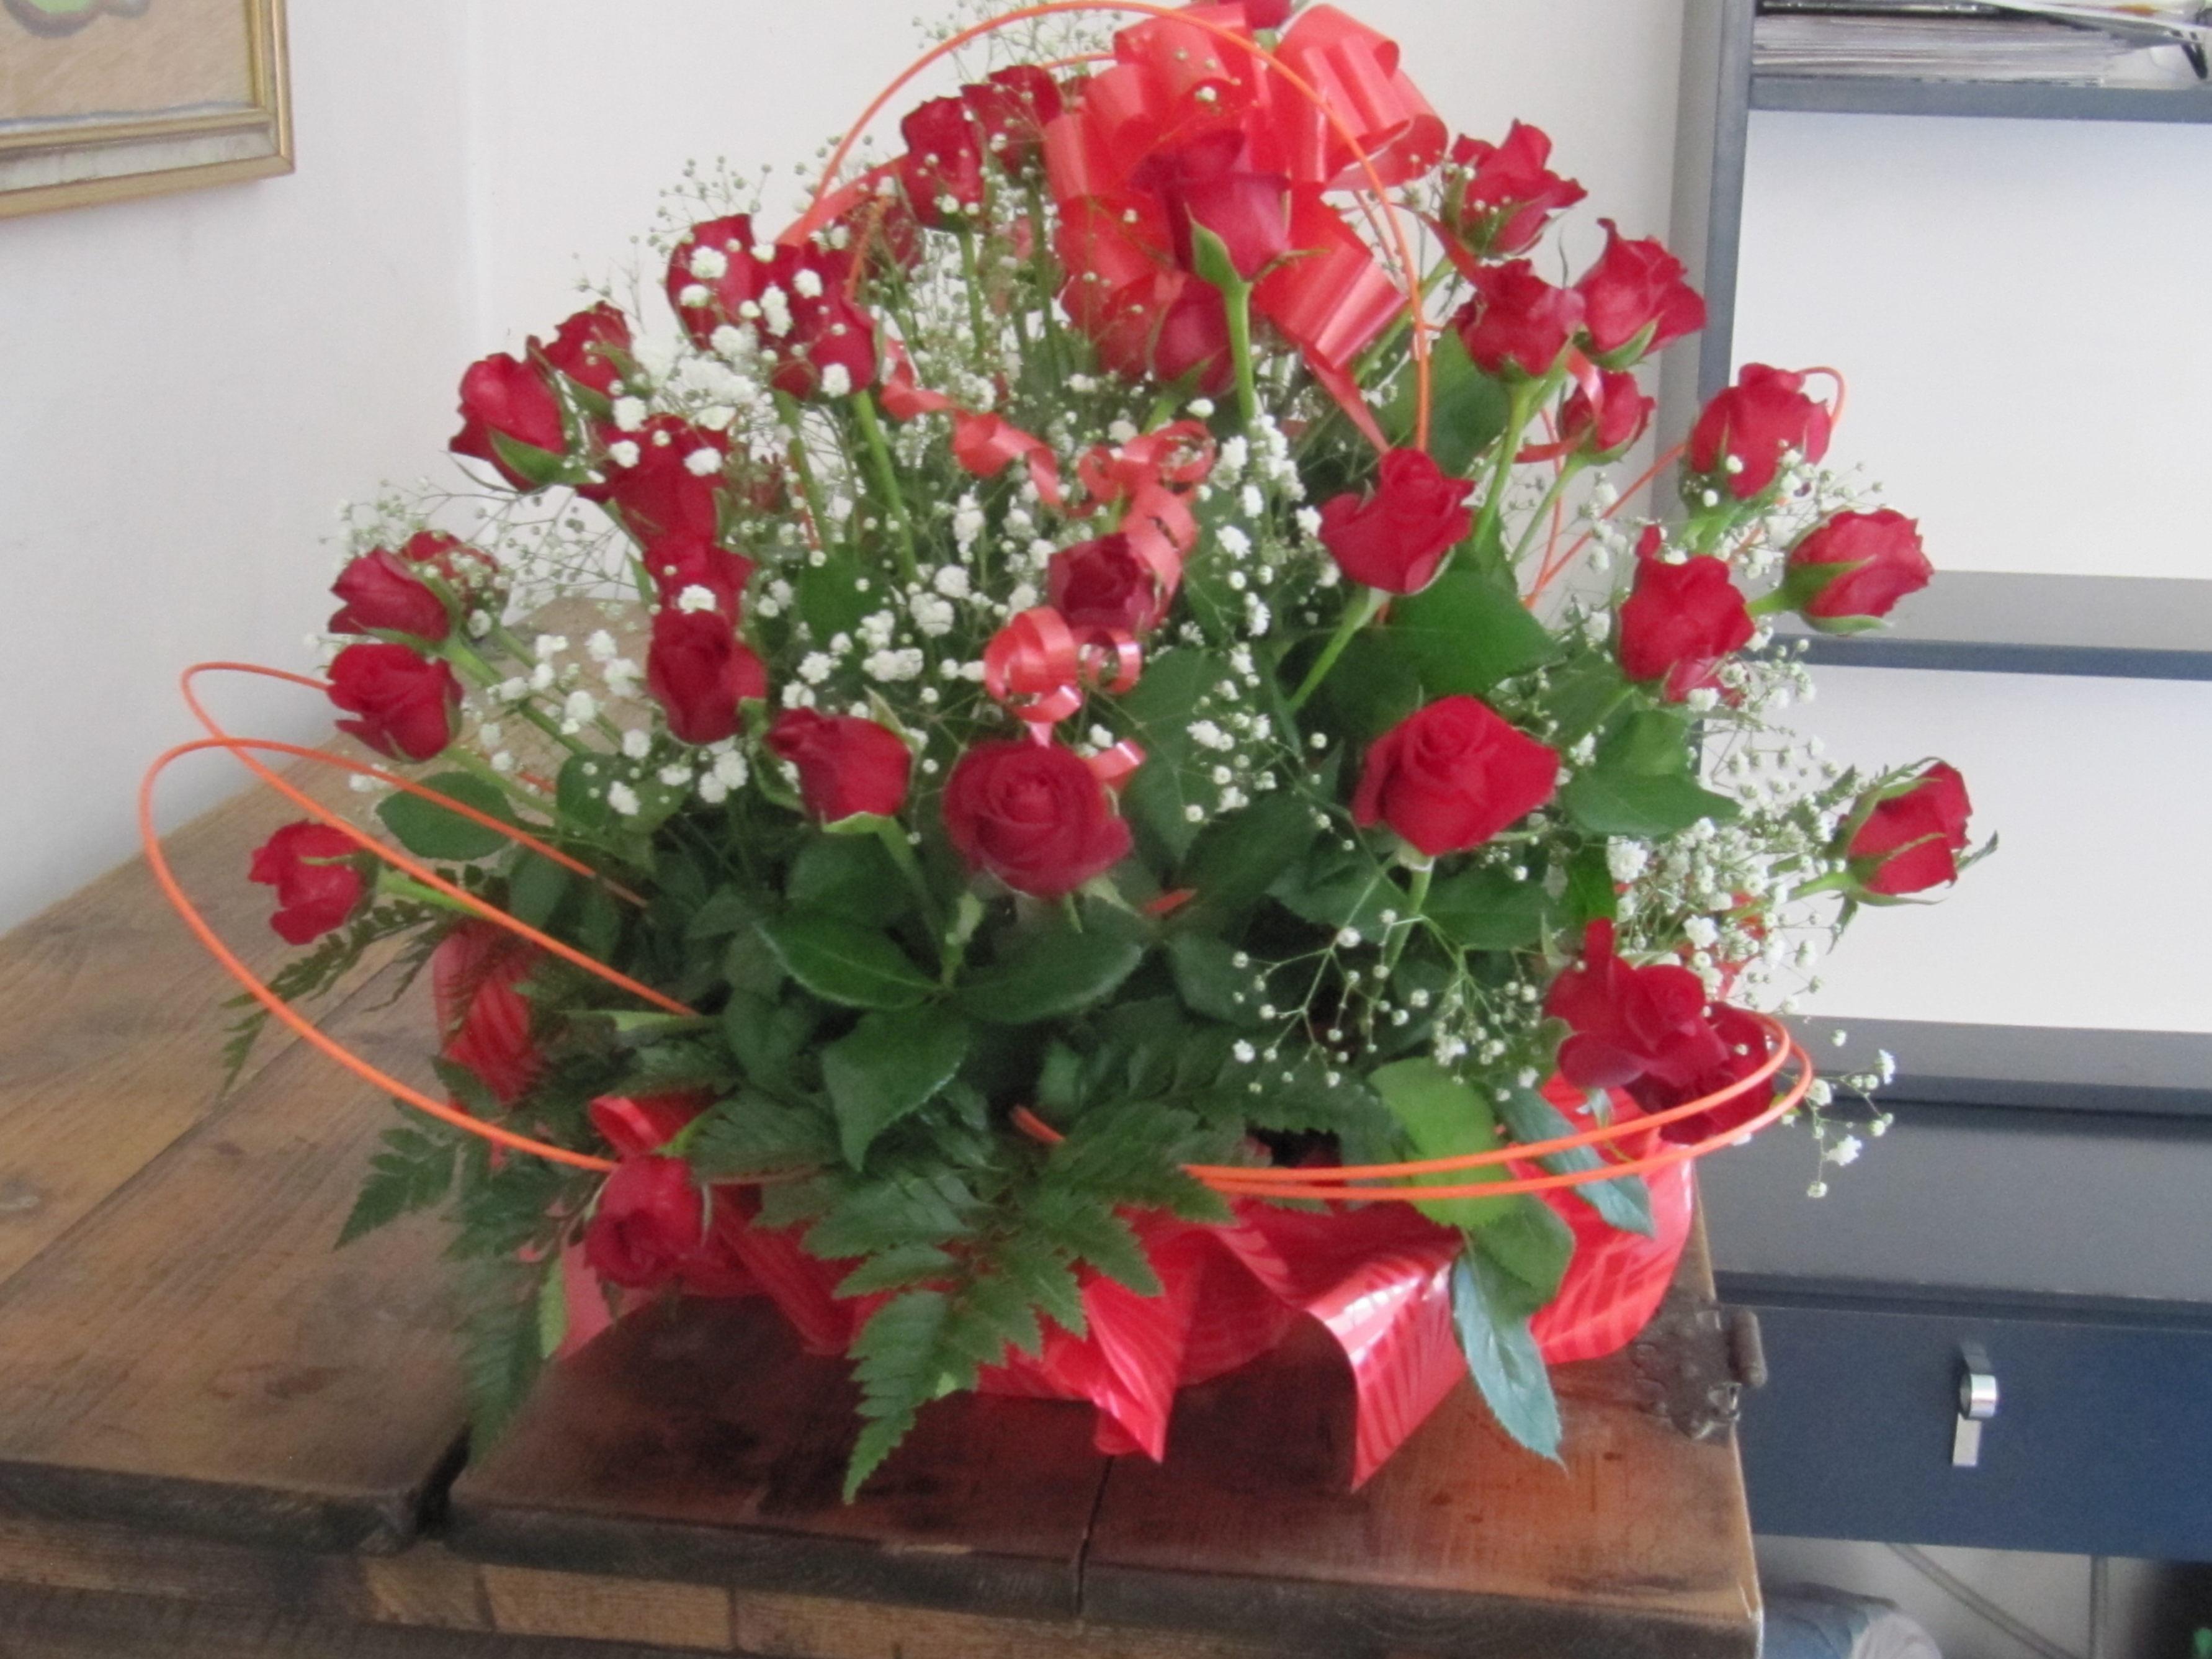 Mazzo Di Fiori Compleanno Amica.I Miei Bouquet Compleanno Di Un Amica Garden It